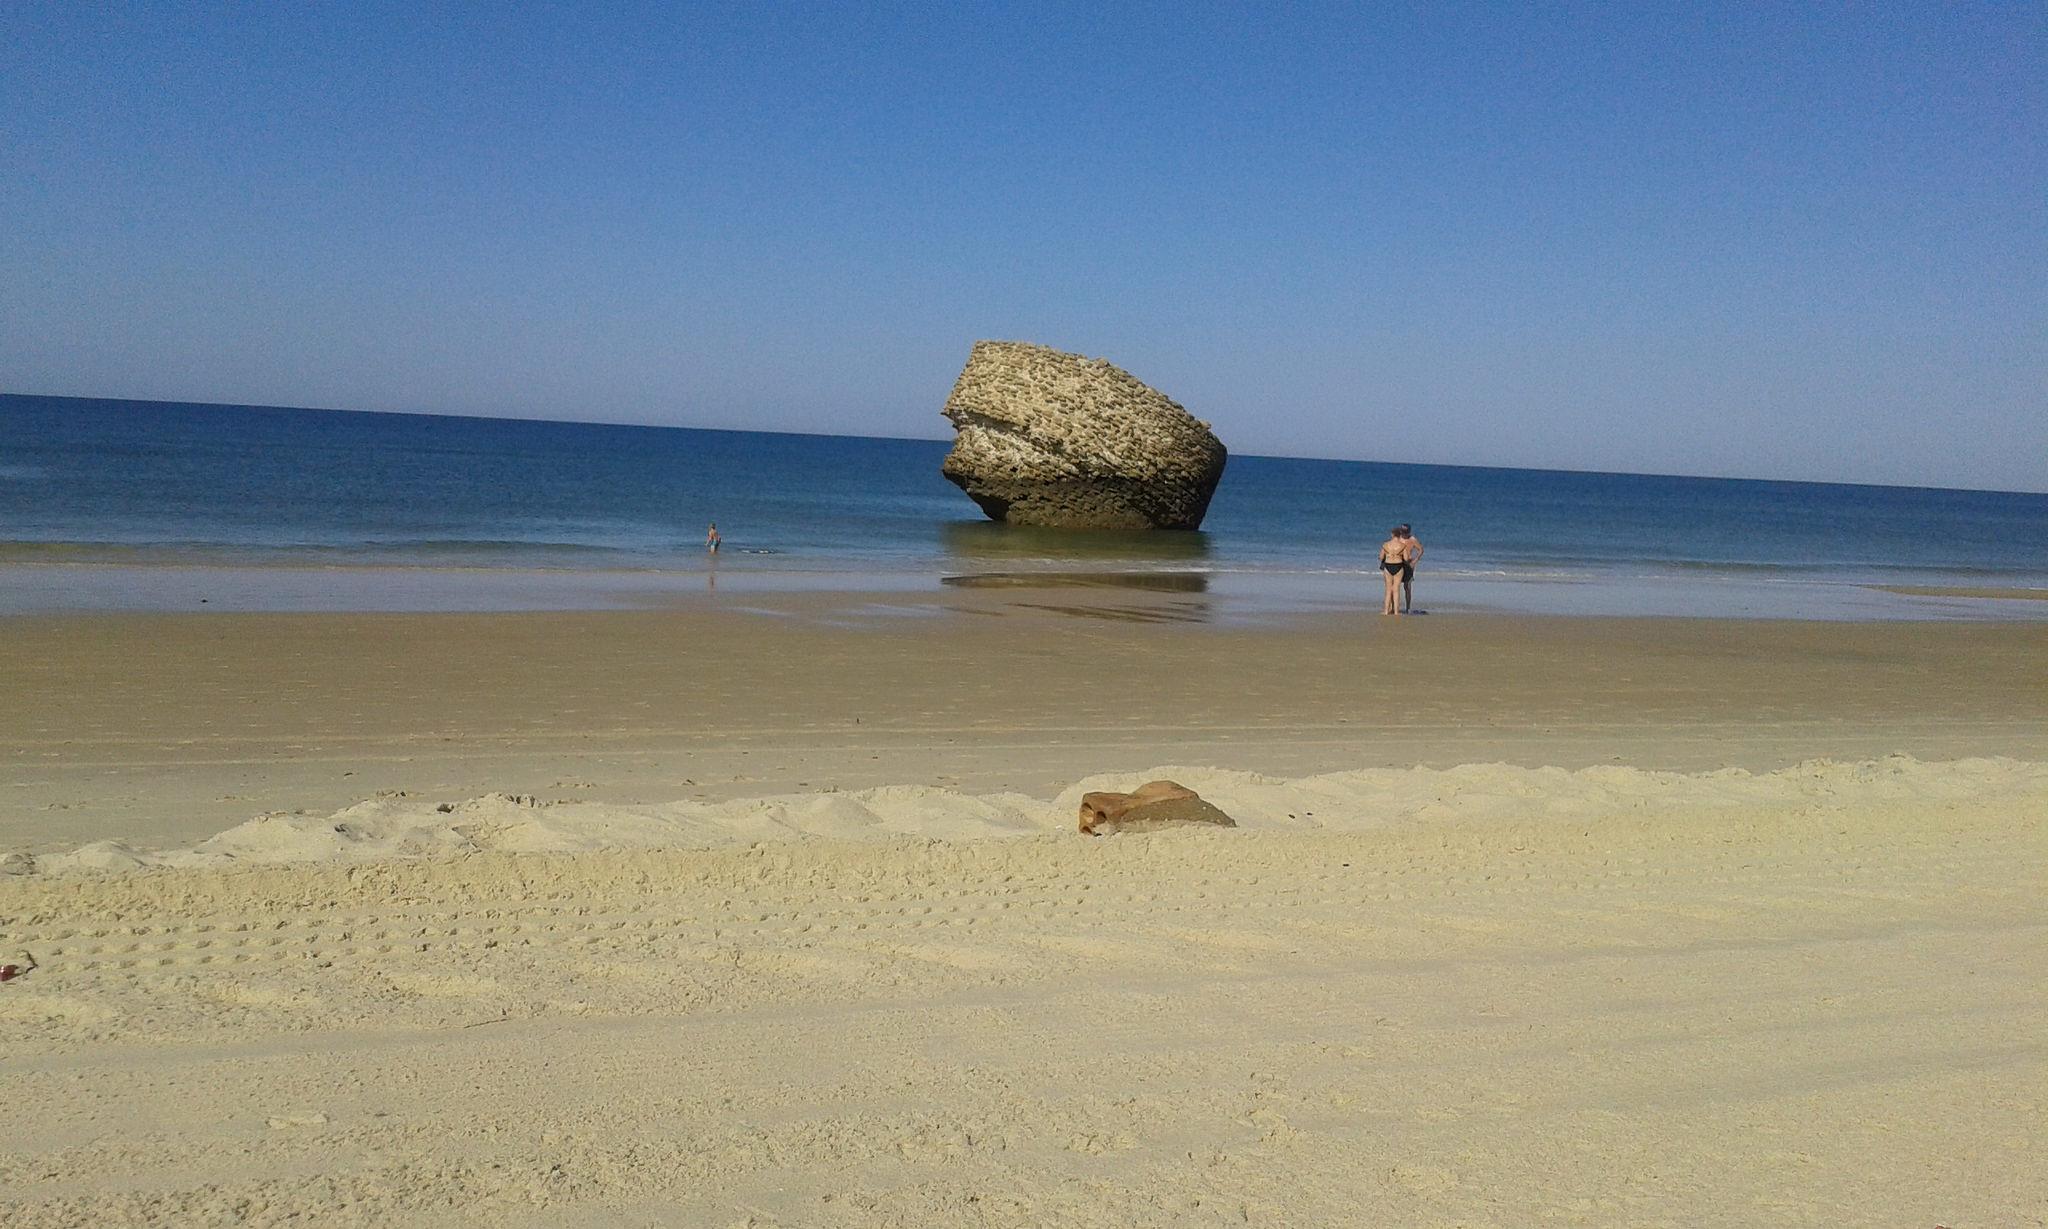 playa matalascanas huelva